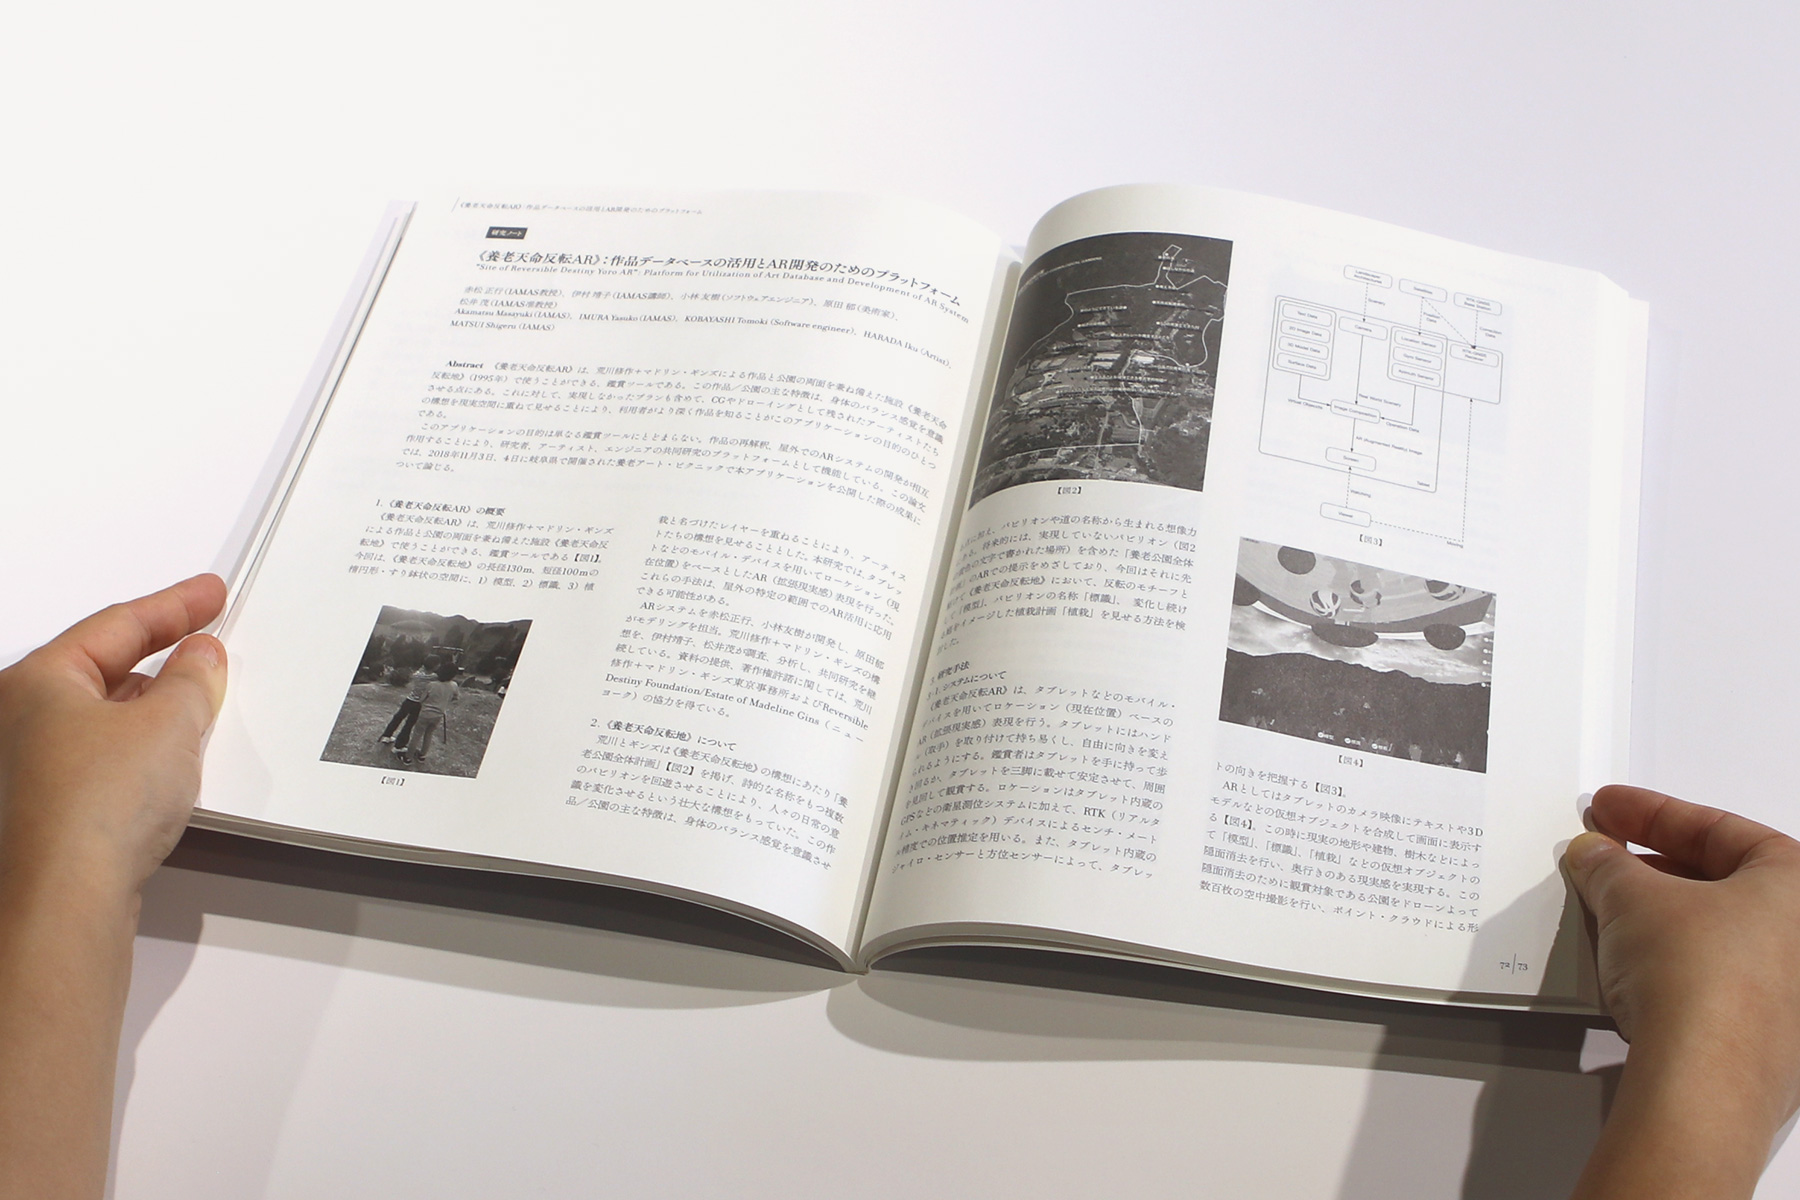 情報科学芸術大学院大学紀要 第10巻イメージ